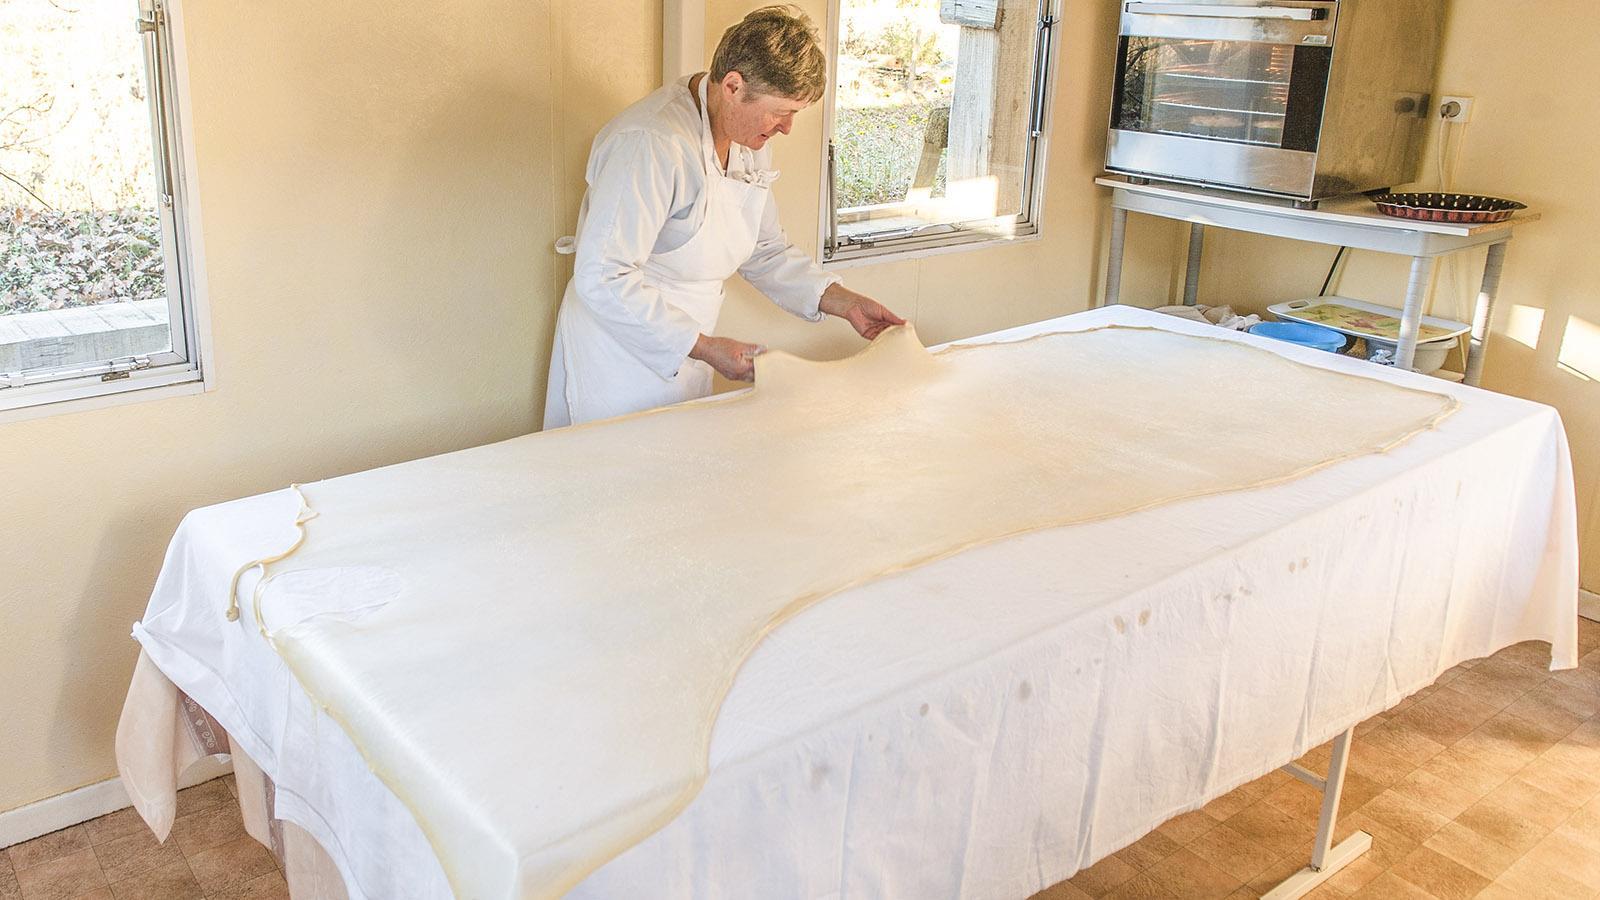 Isabelle Ducourneau zieht den Teig vorsichtig hauchdünn auf dem Küchentisch aus. Foto: Hilke Maunder